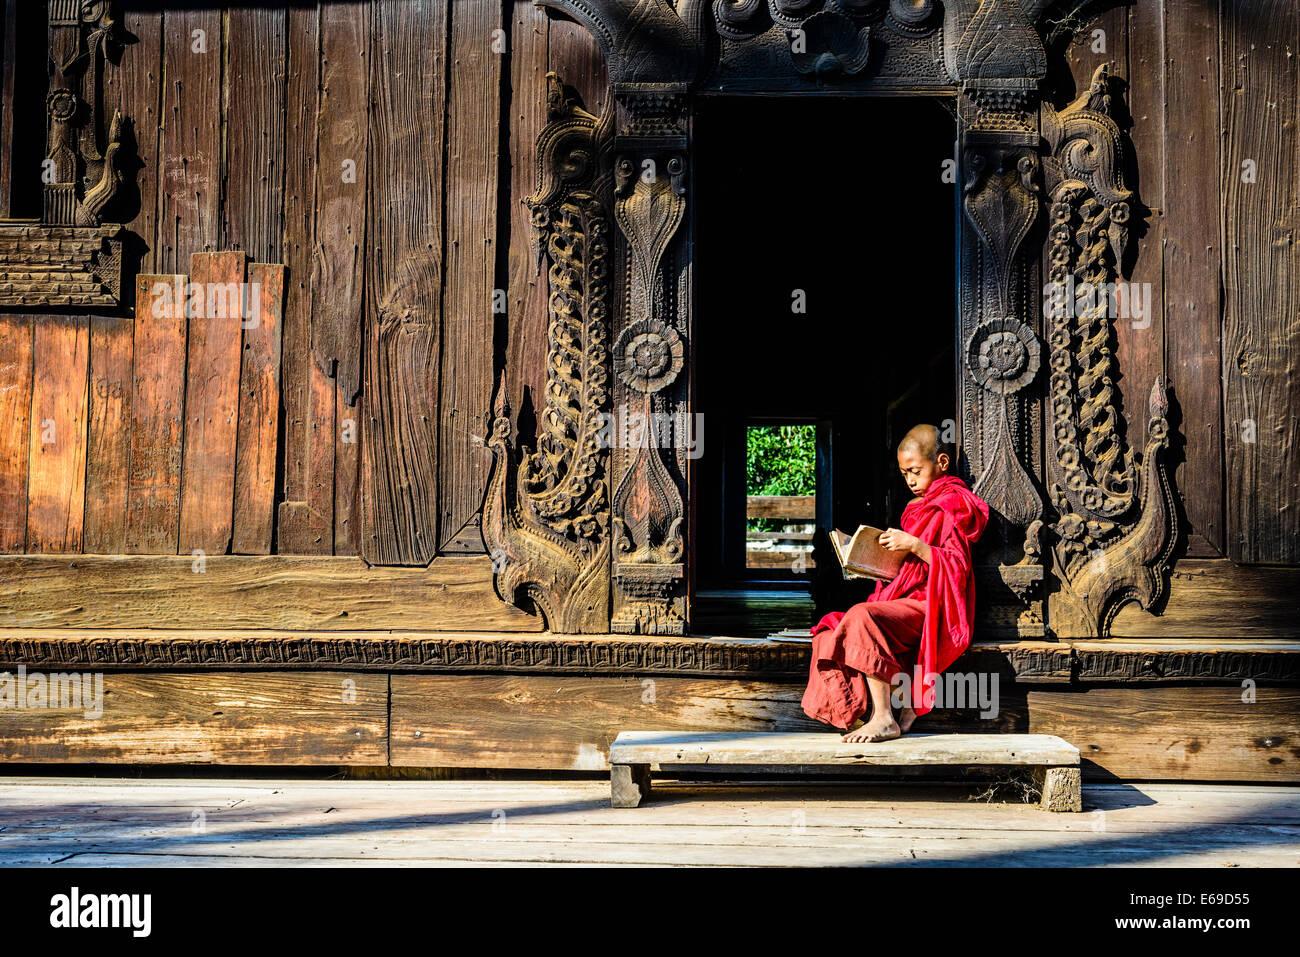 Asiatischer Mönch lesen durch reich verzierte Tor zum Tempel Stockbild